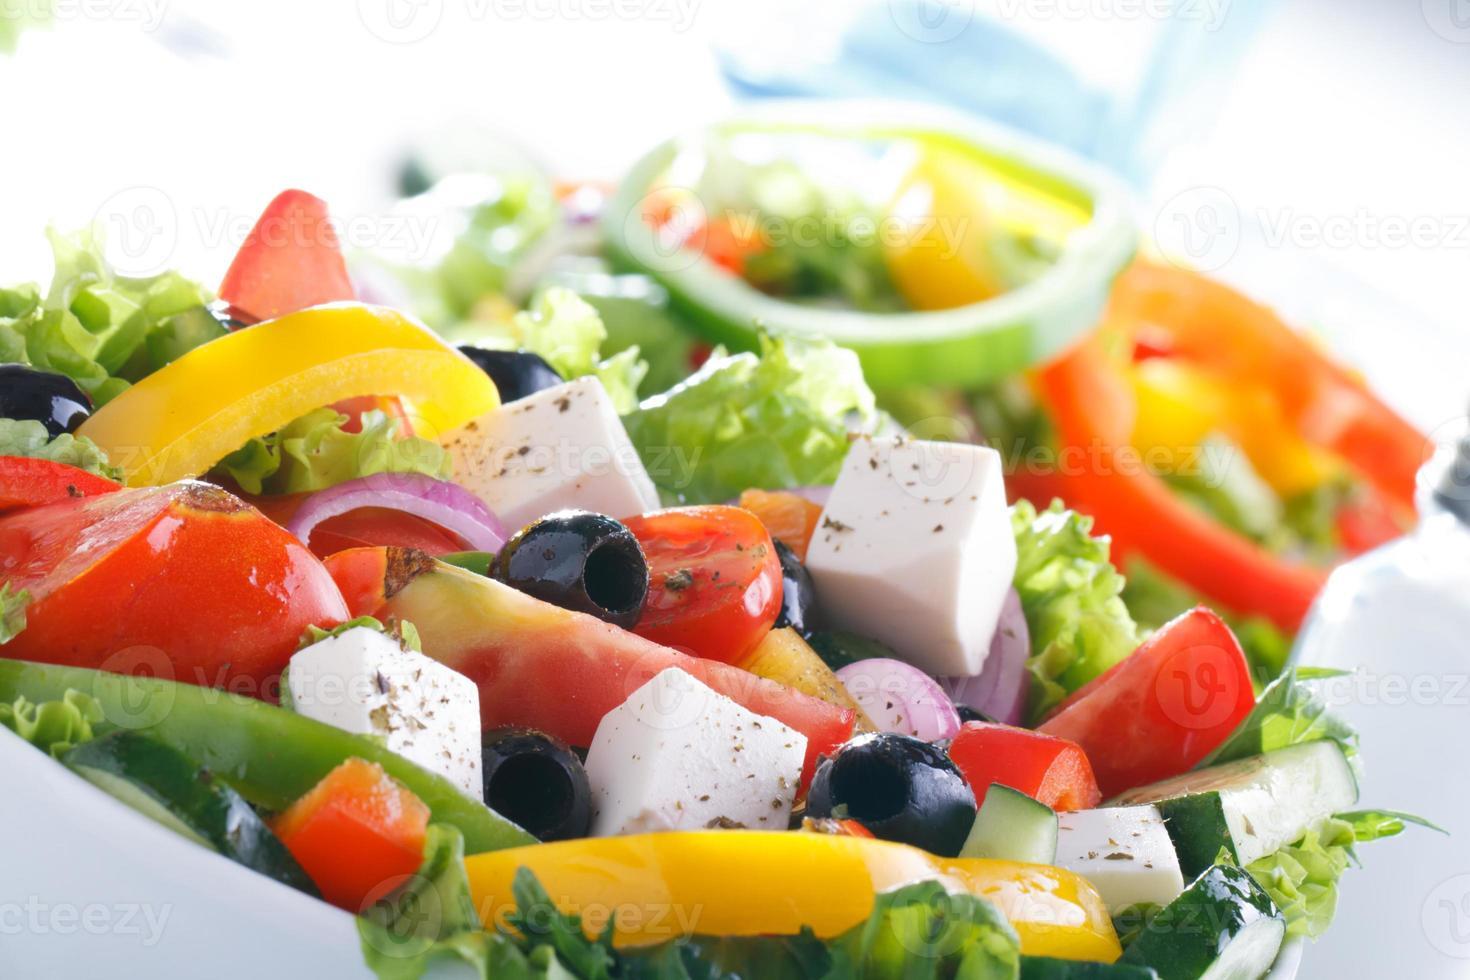 färsk grönsakssallad (grekisk sallad). användbar vitaminmat. foto